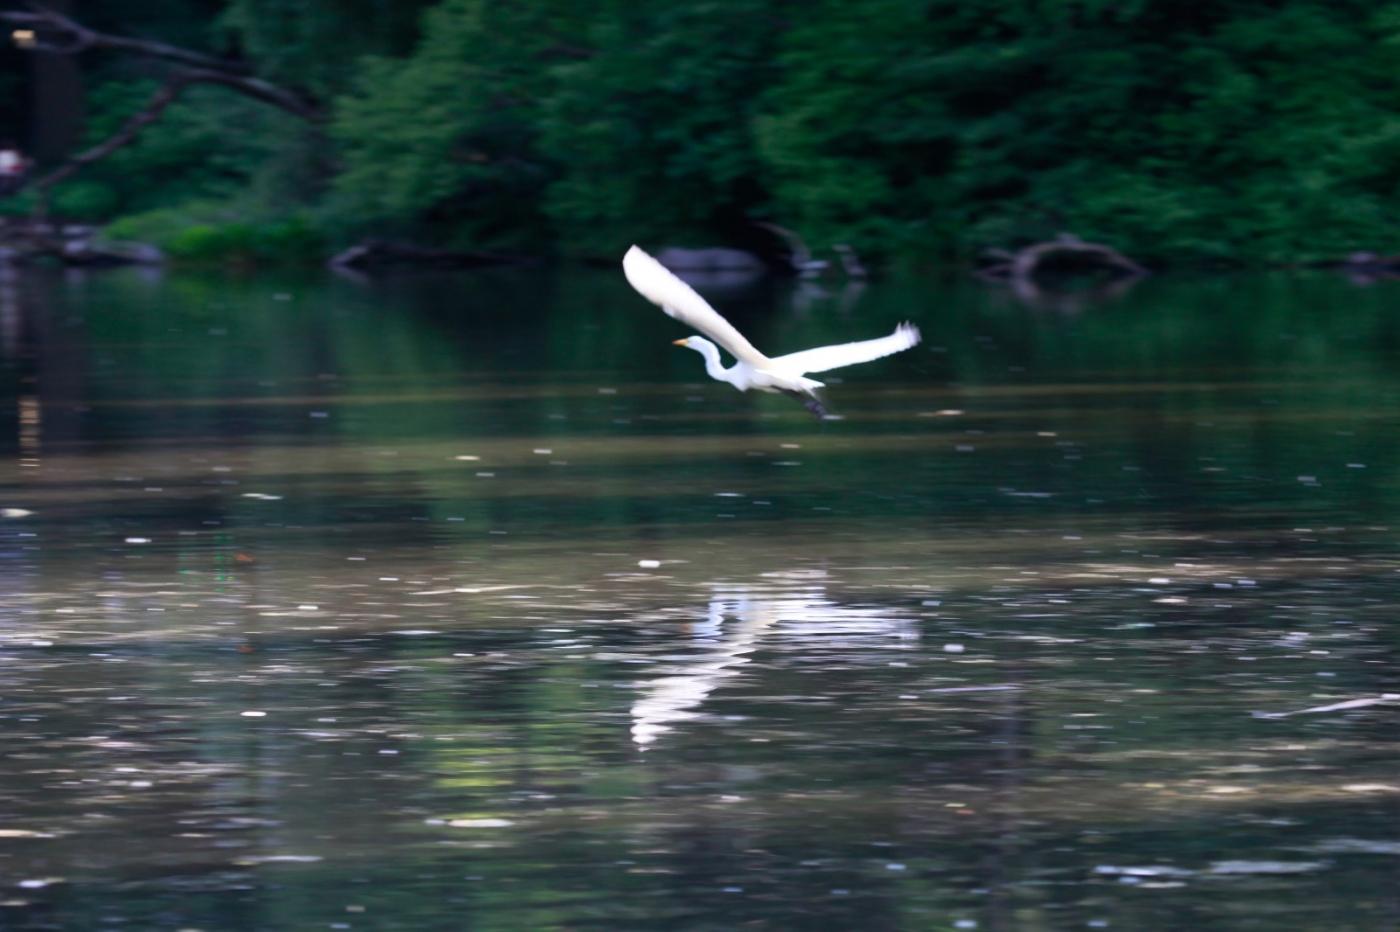 中央公园的白鹭,姿态优美,游客喜爱_图1-20